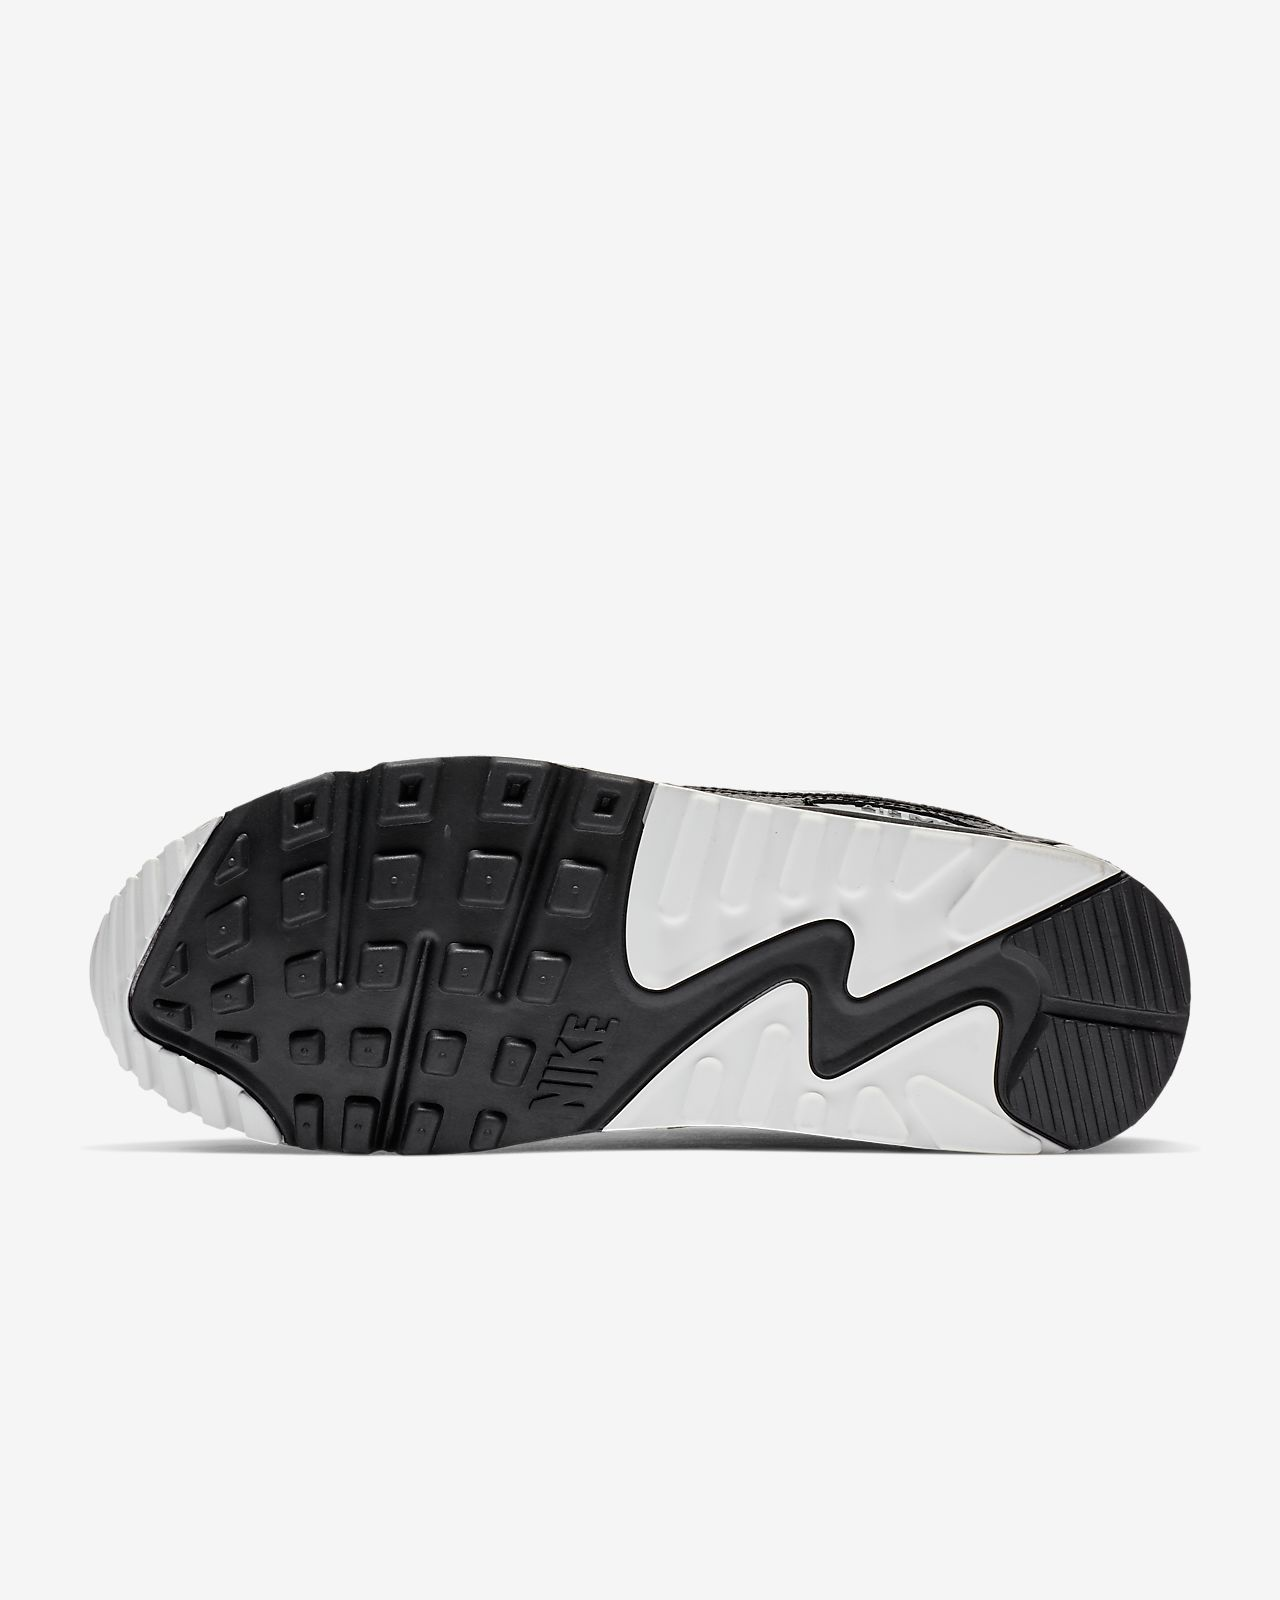 cheaper ff9b7 2b696 ... Chaussure Nike Air Max 90 pour Femme